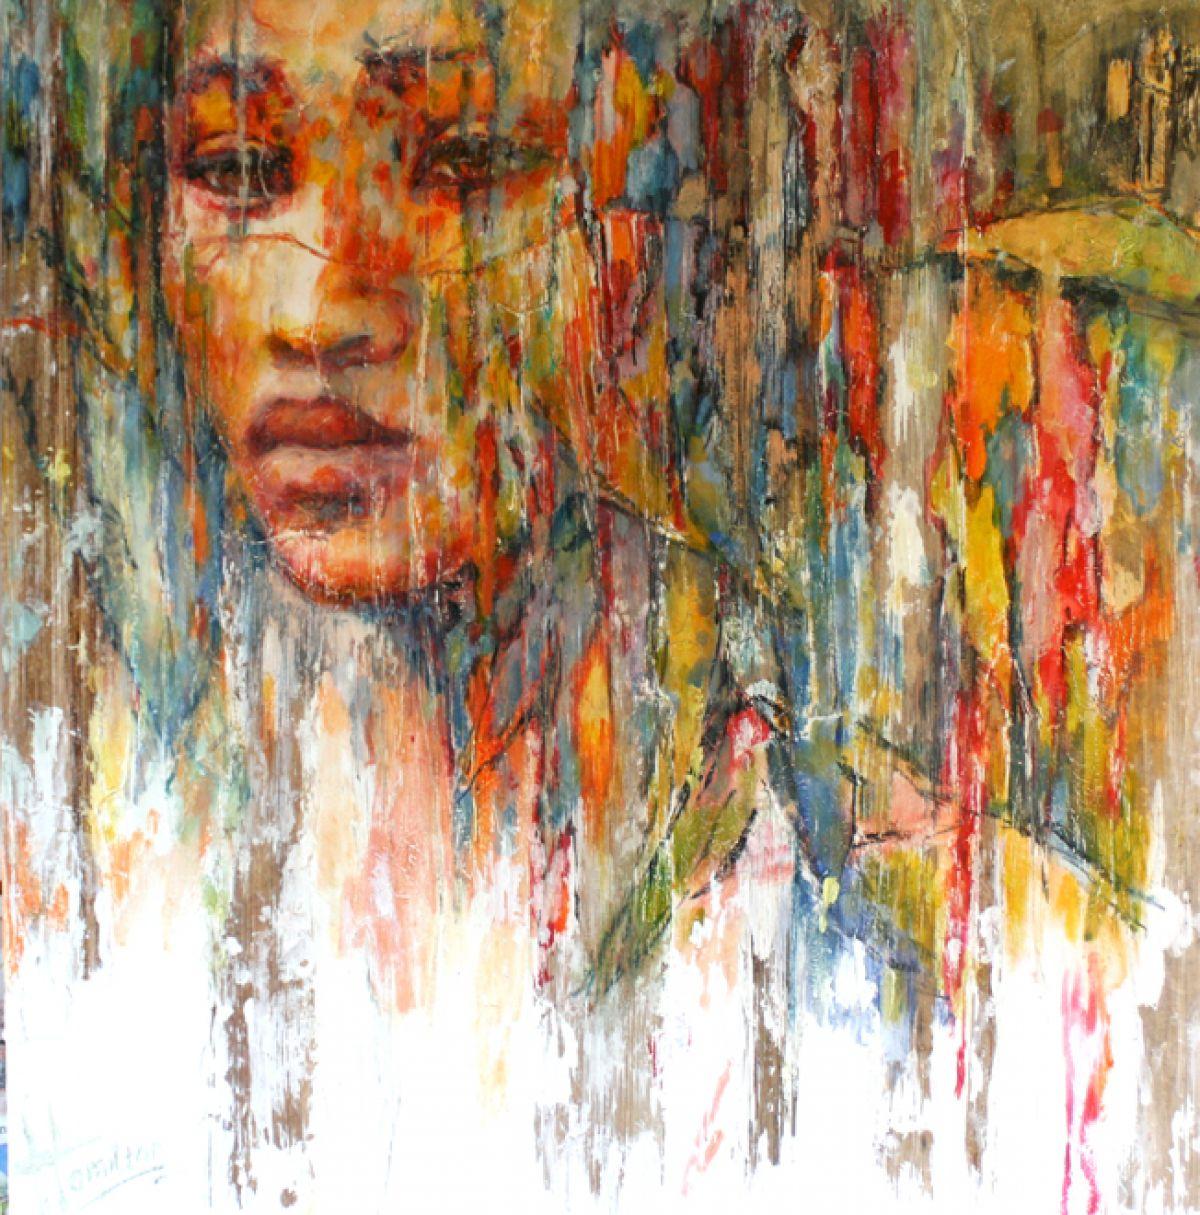 Kunst: Imala van kunstenaar Evelyn Hamilton